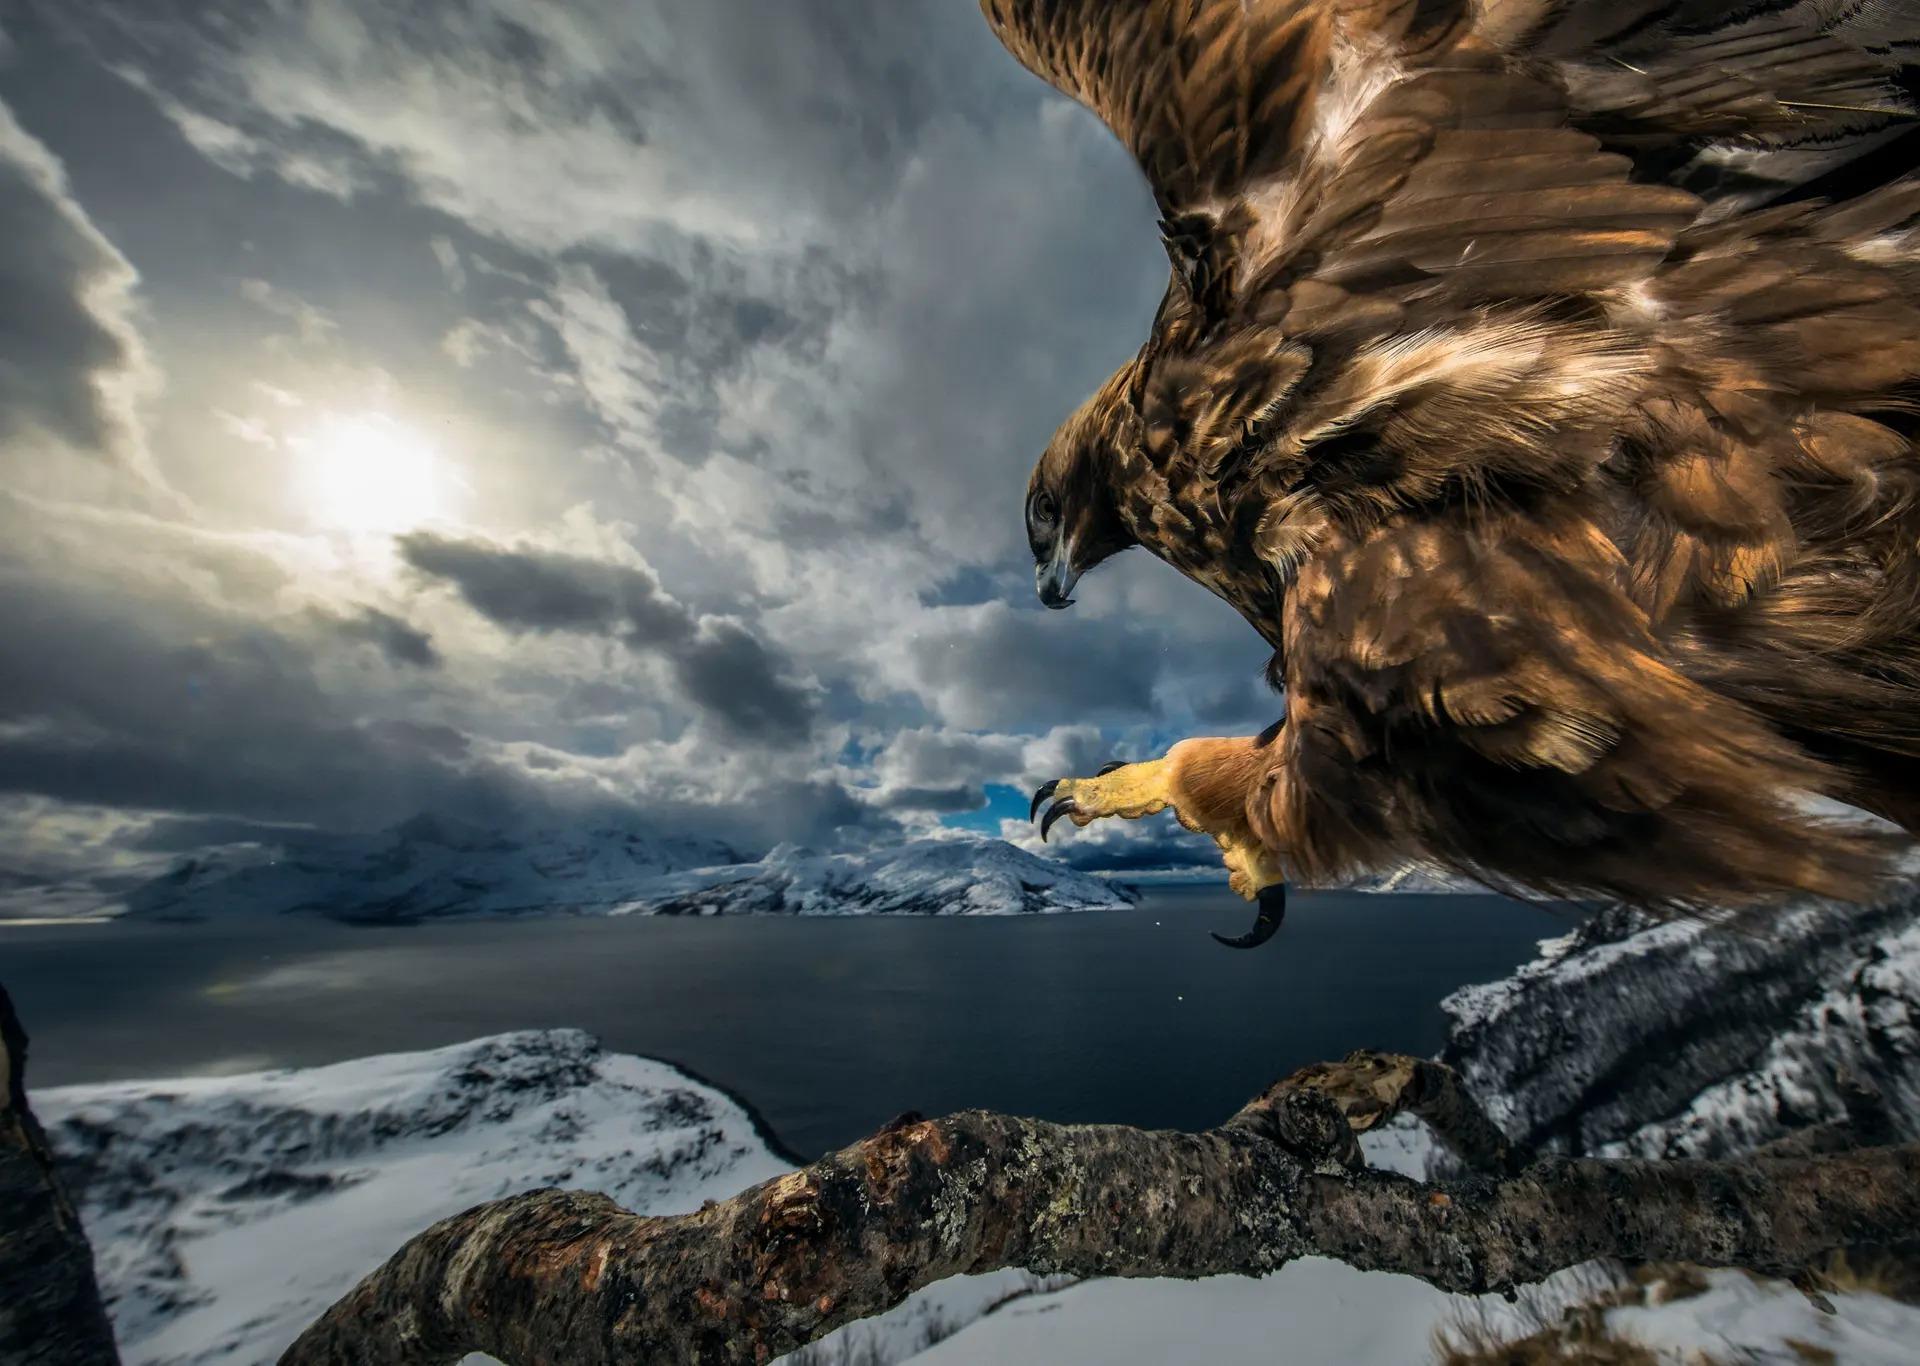 дикой природы фото